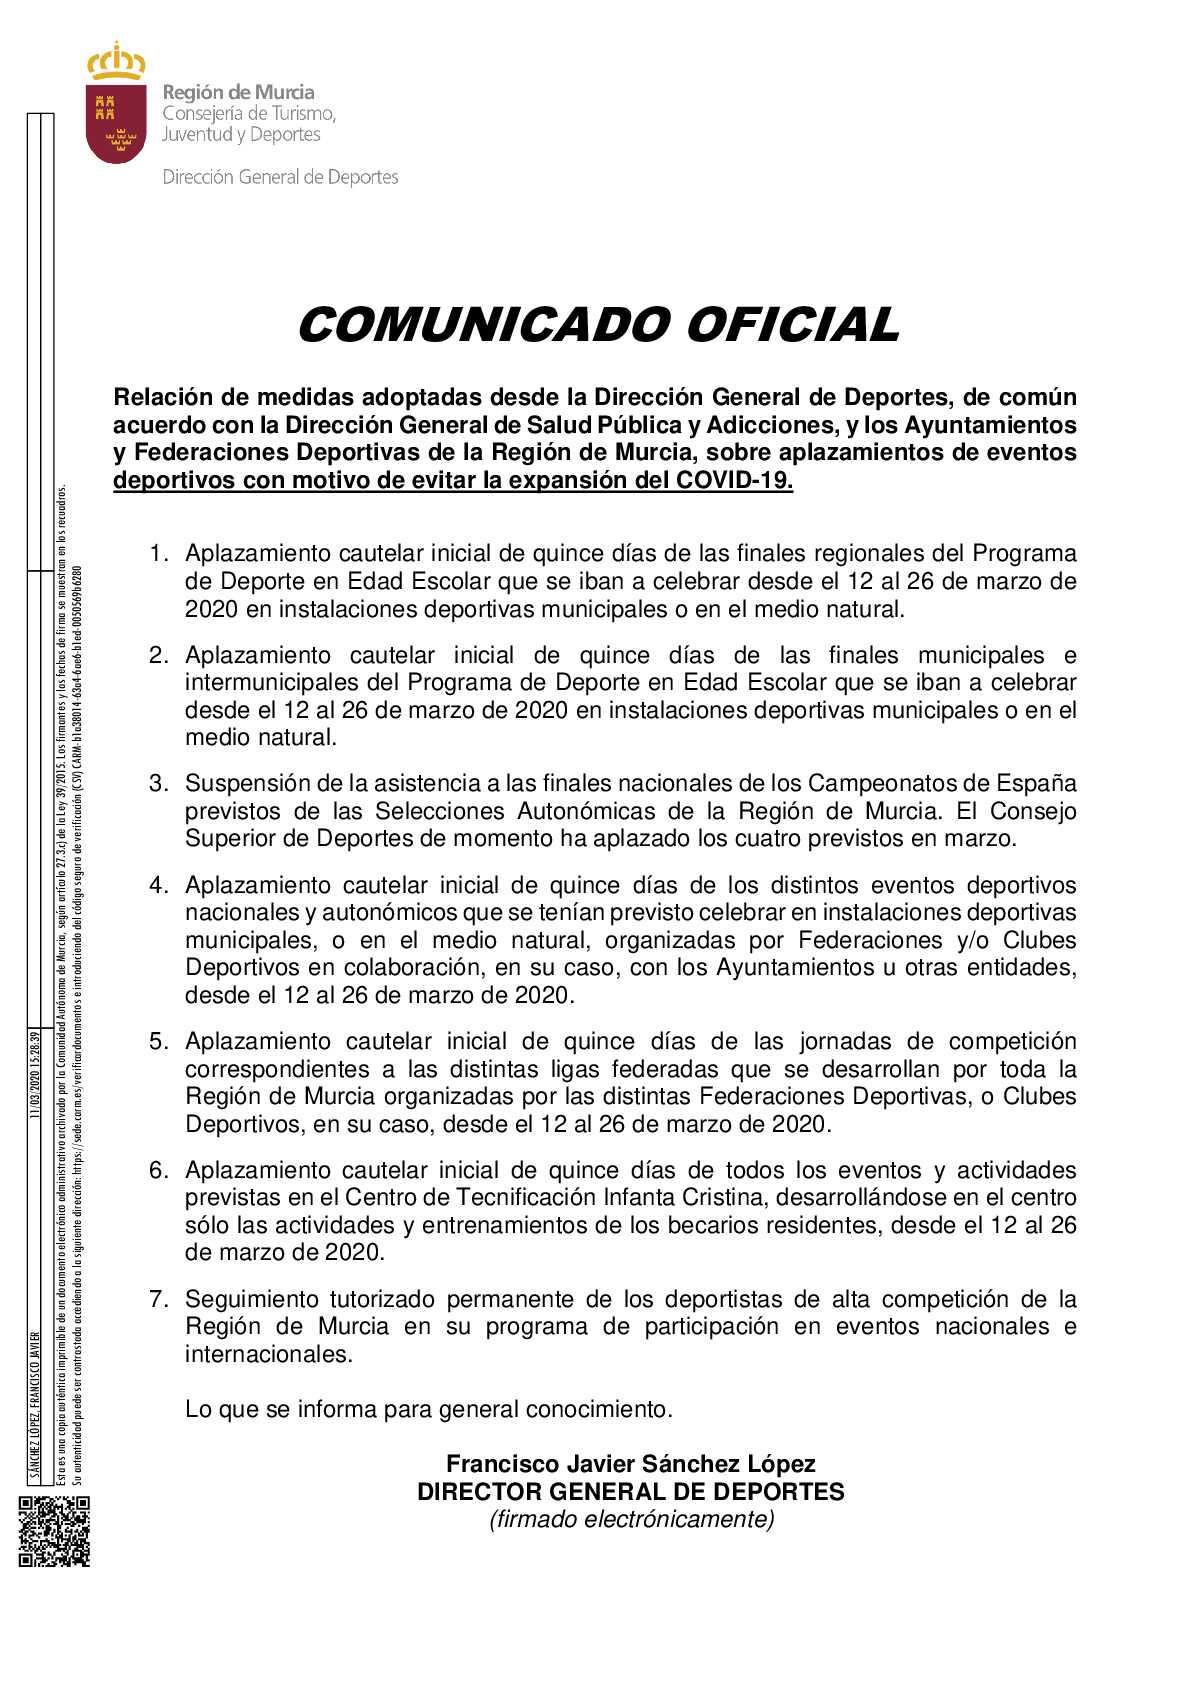 Comunicado Oficial Deportes Covid-19.pdf